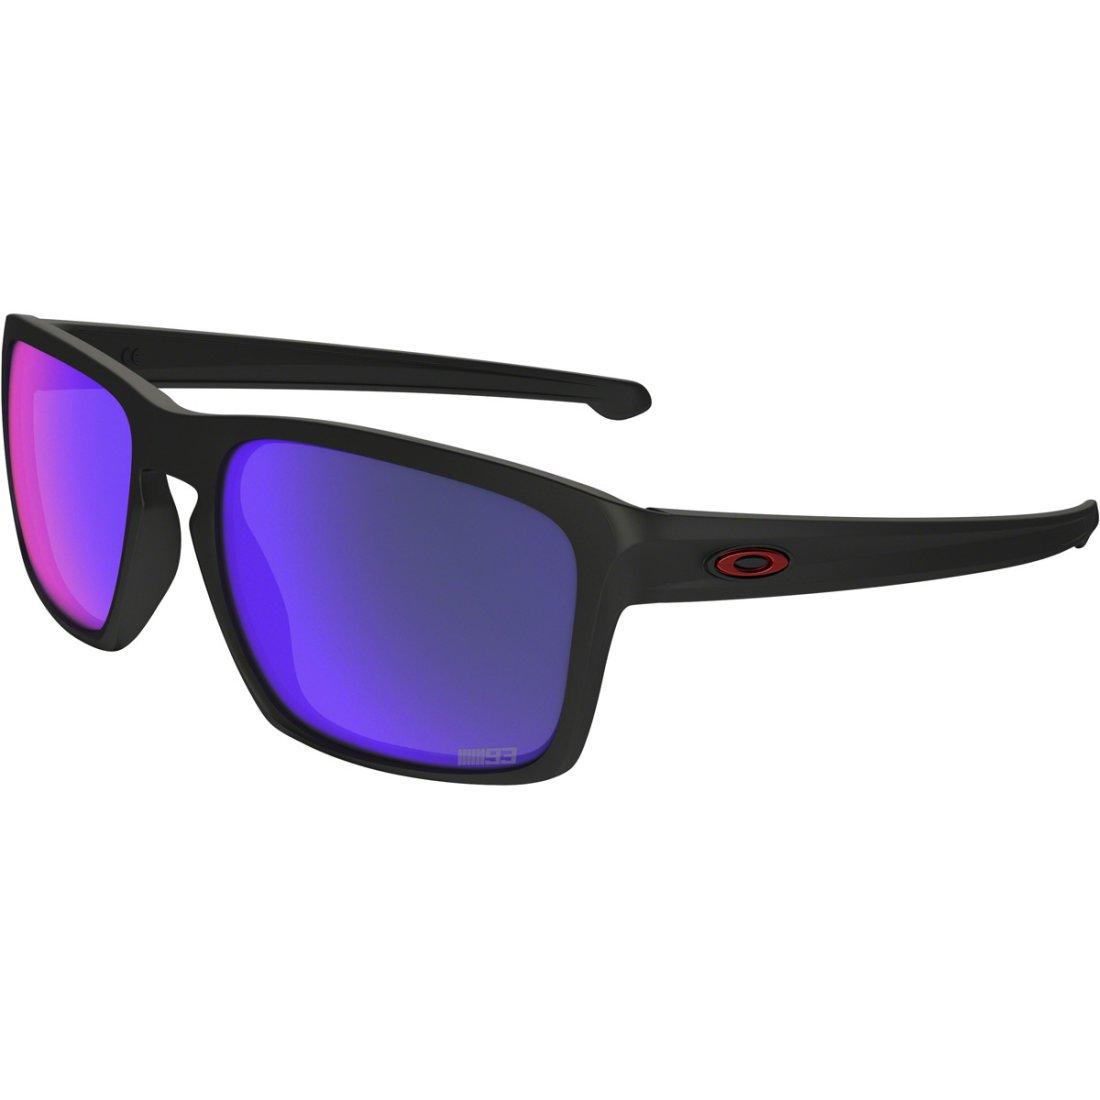 Oakley Sliver Matte Black Violet Iridium Polarized 2017 Taille Unique Noir/violet cKBWr2b